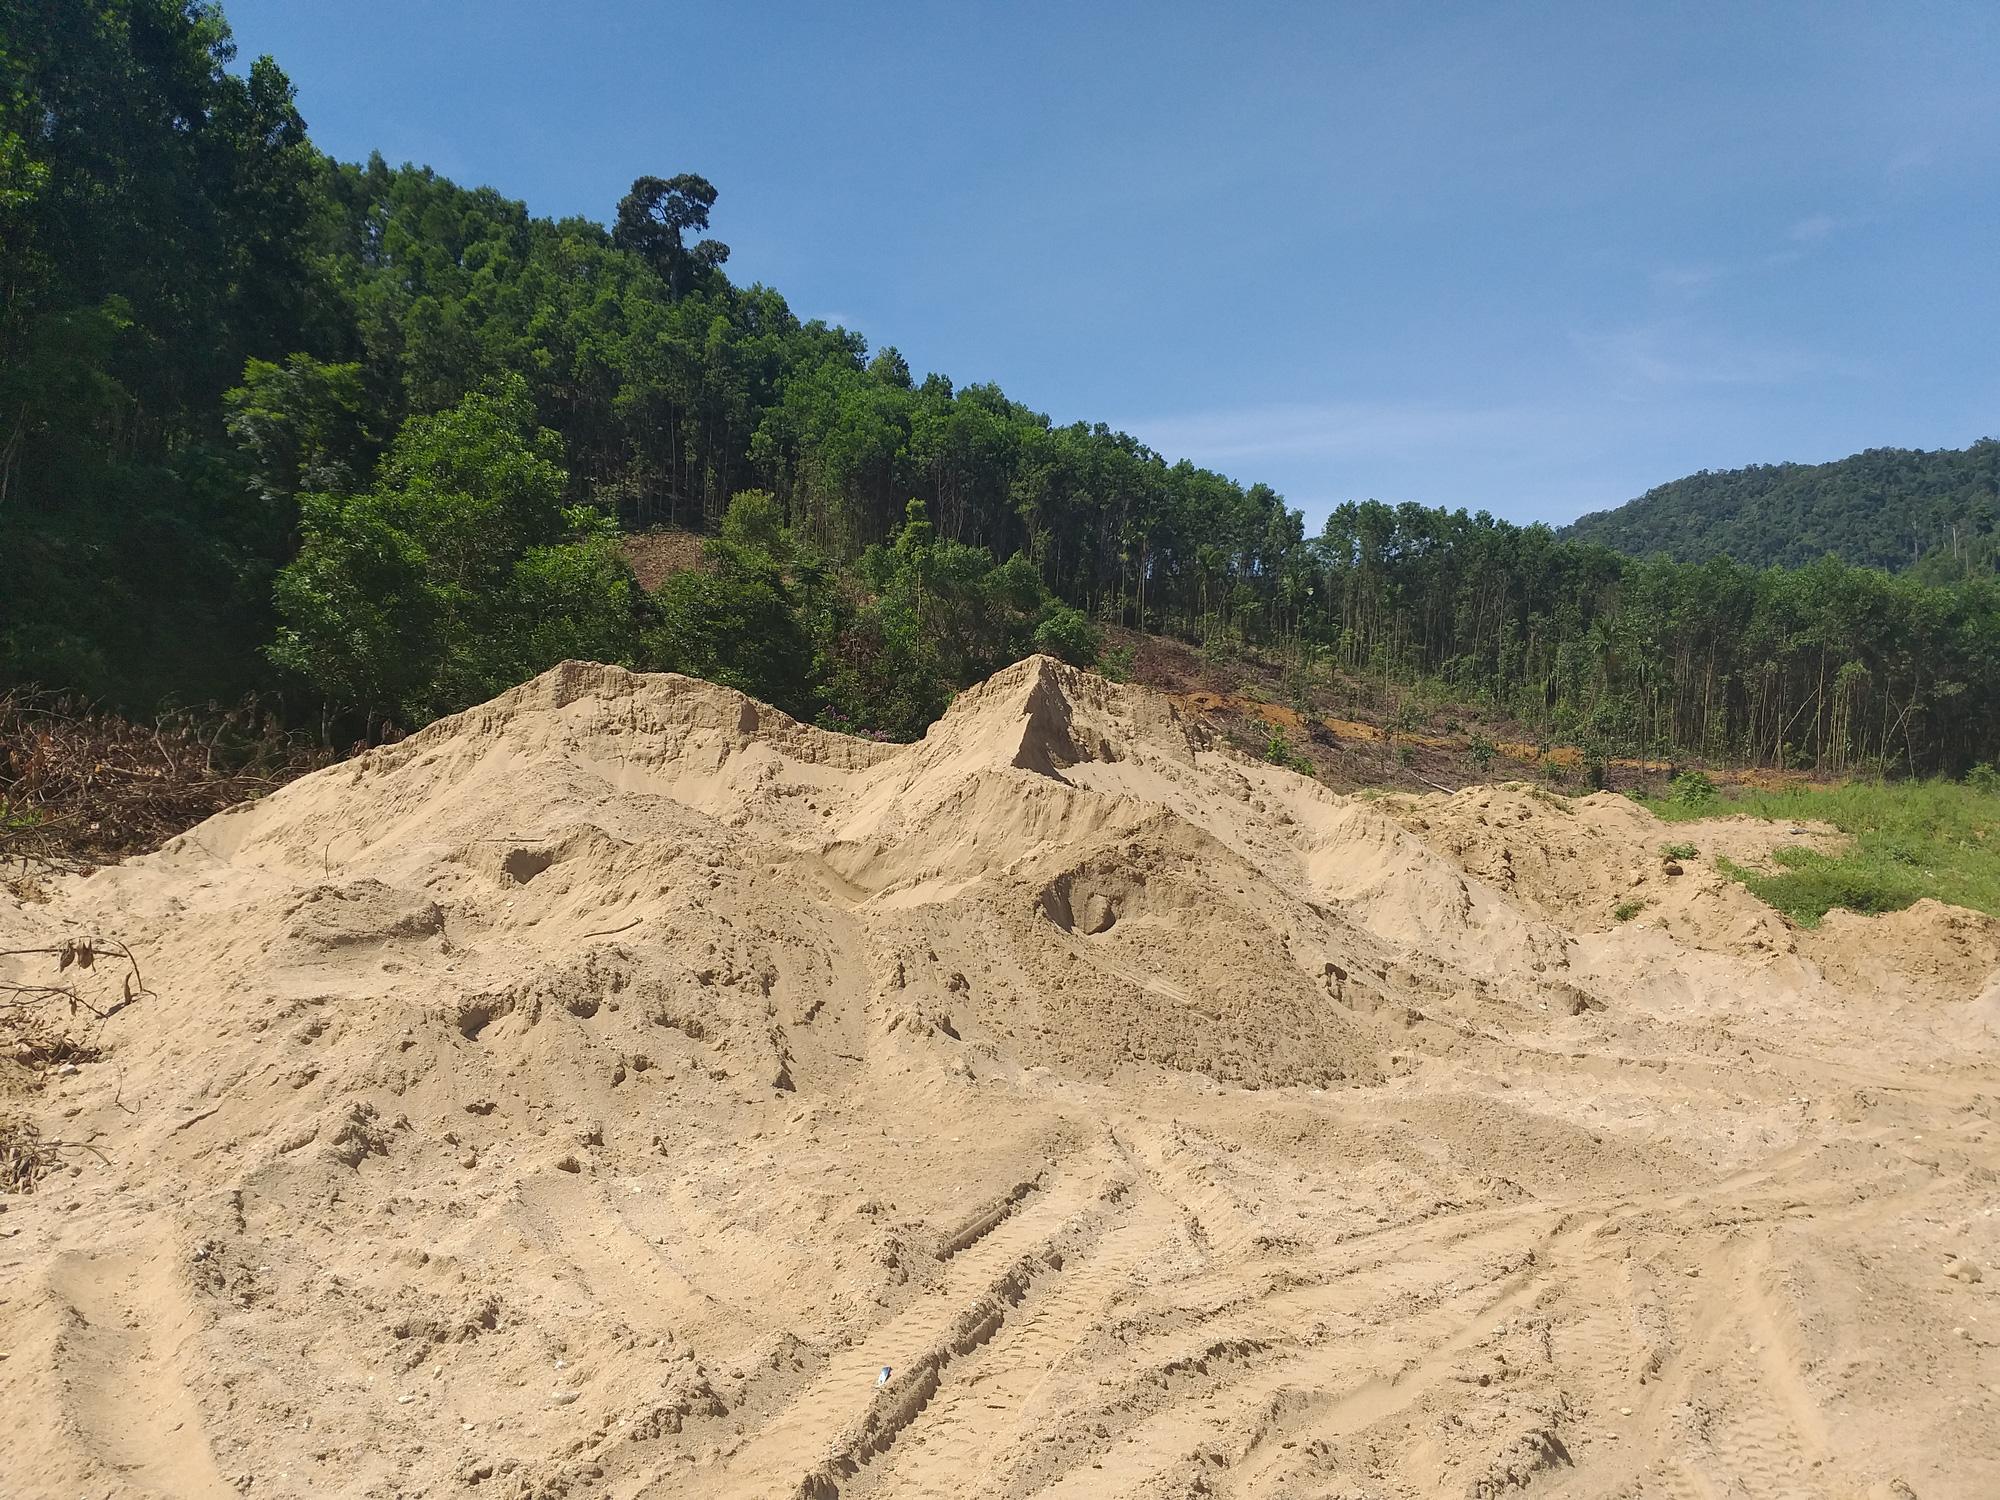 """Vụ ngàn khối cát bị rút ruột ở Nước Xa: Huyện kêu gọi """"cát tặc"""" đến nhận lại cát - Ảnh 2."""